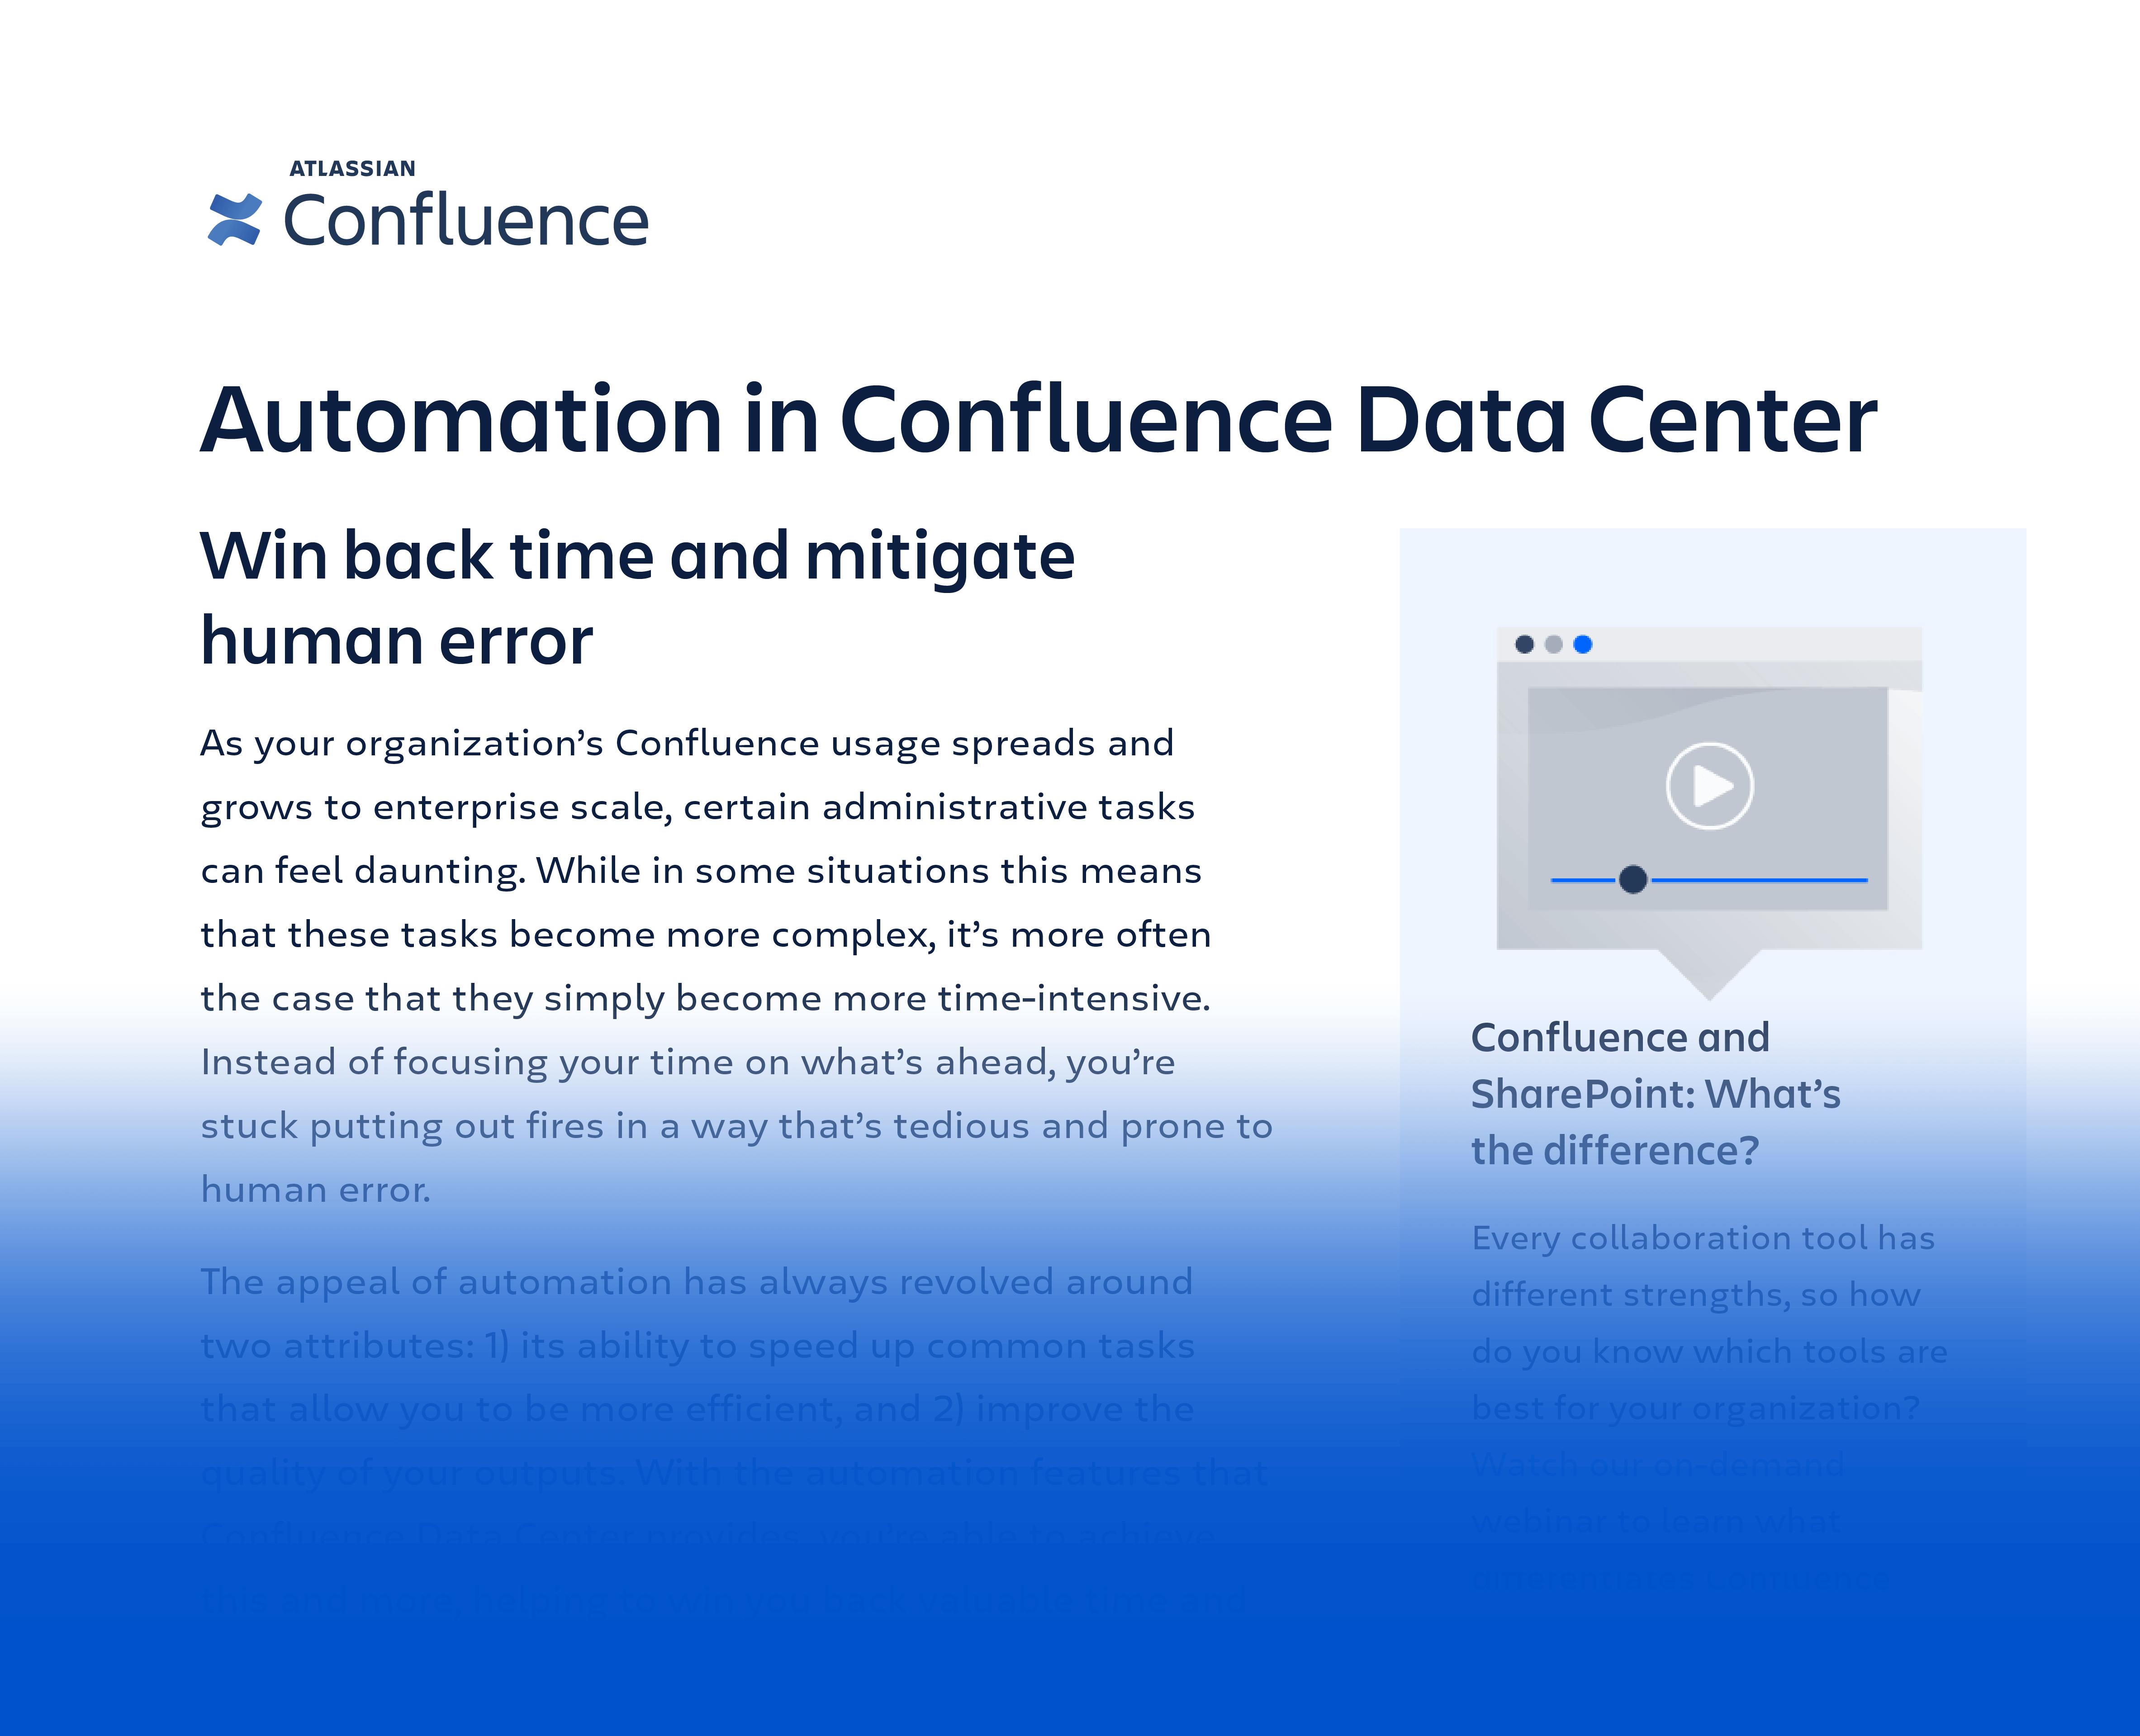 Ficha técnica: Automação no Confluence Data Center